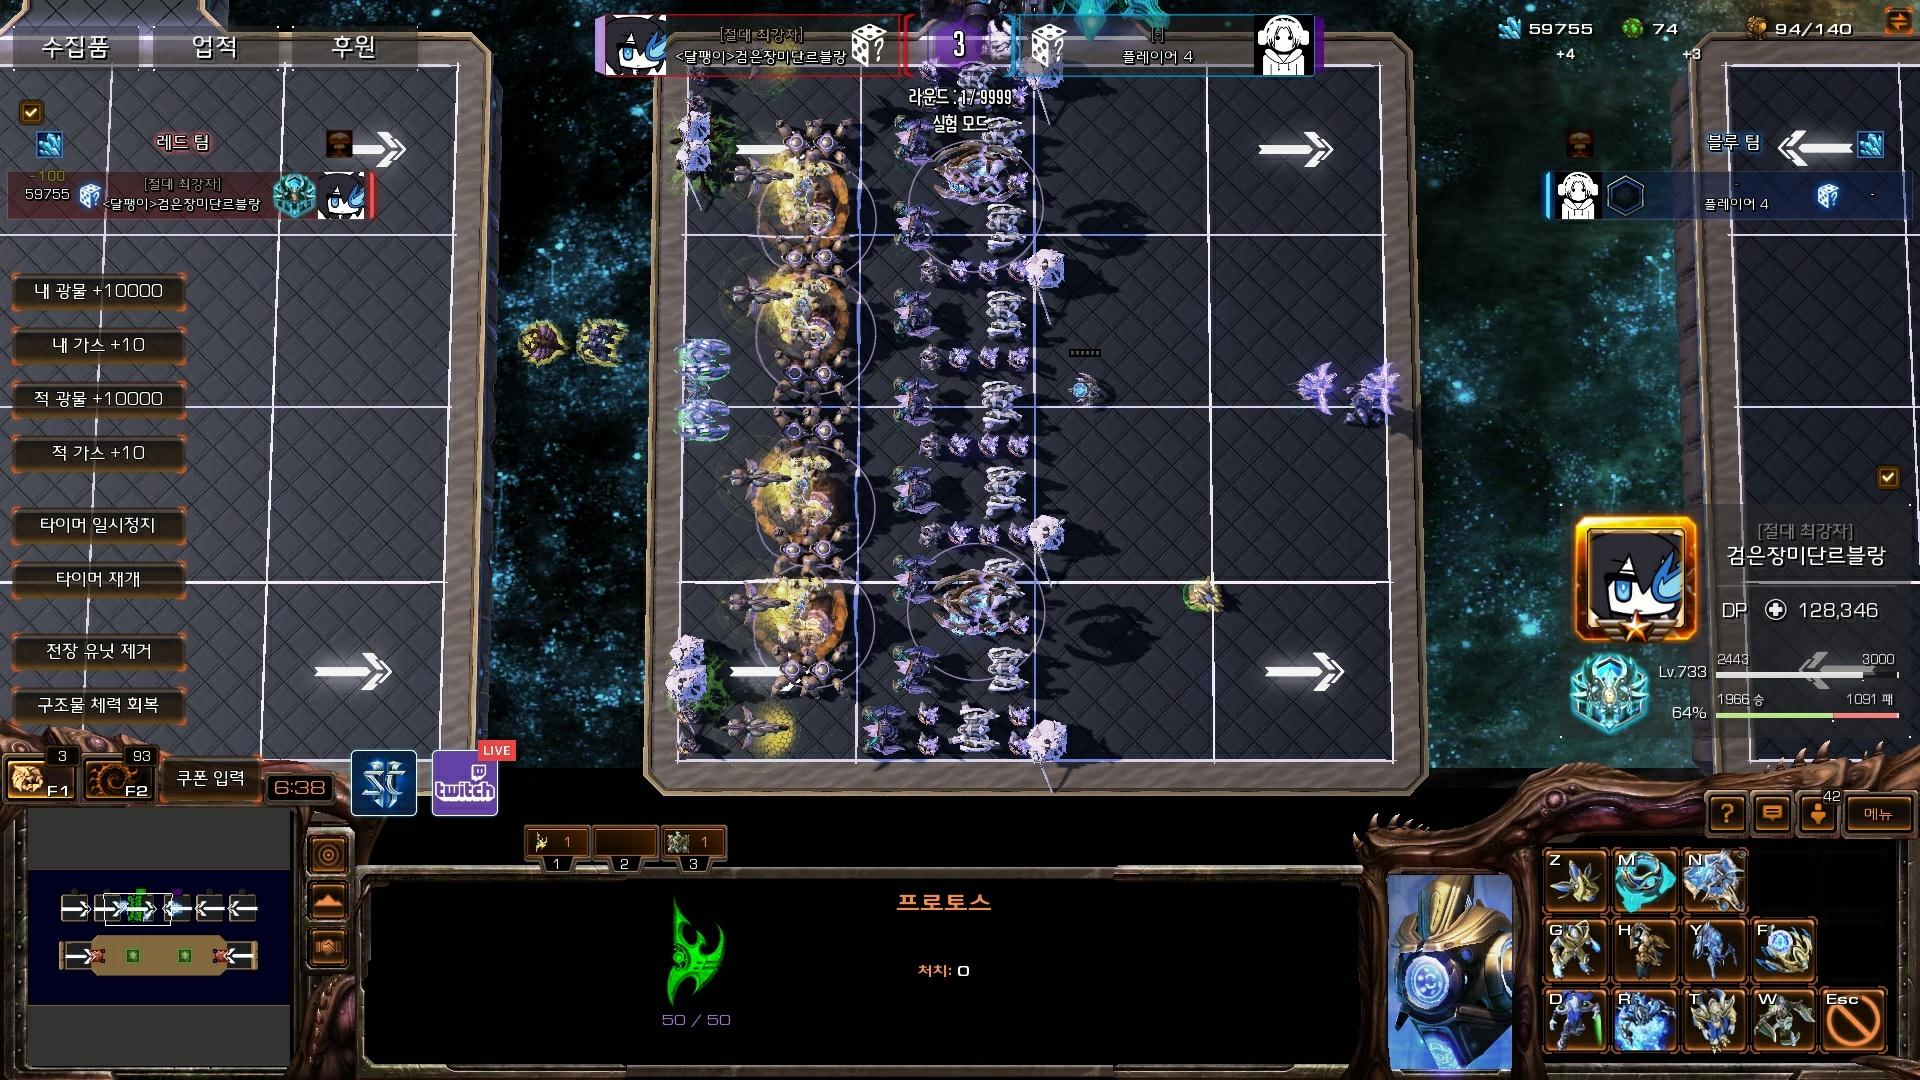 Screenshot2020-02-15 18_08_40.jpg